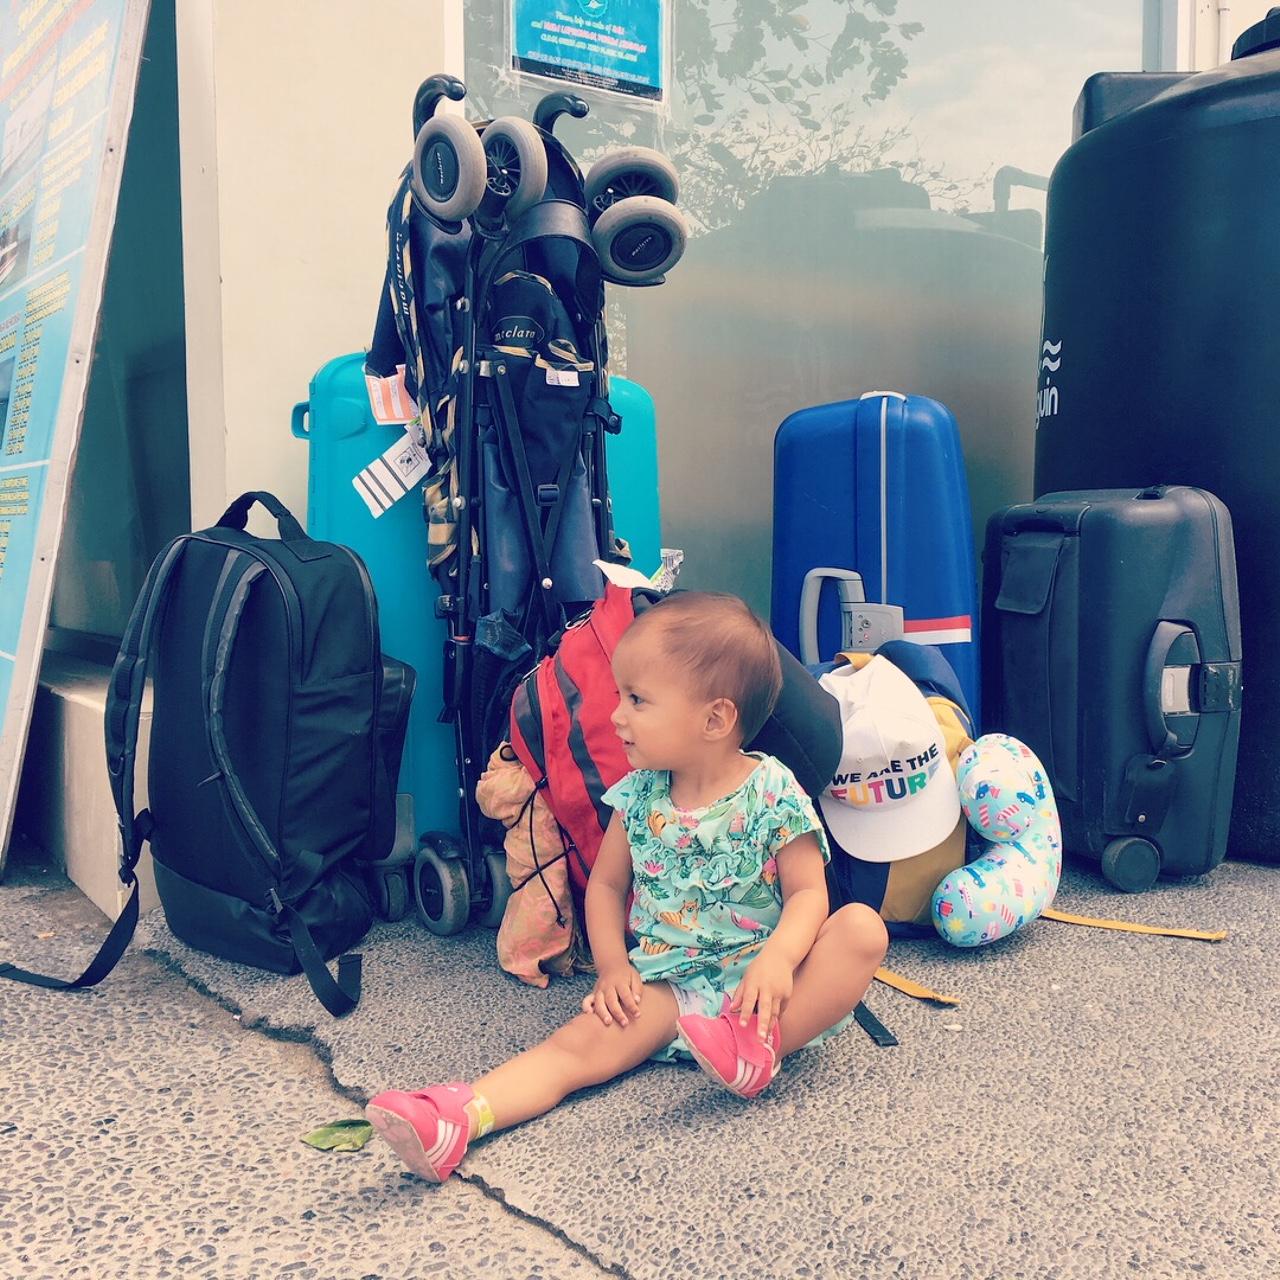 Bali kinderen reizen koffers backpack trip Sanur Ubud